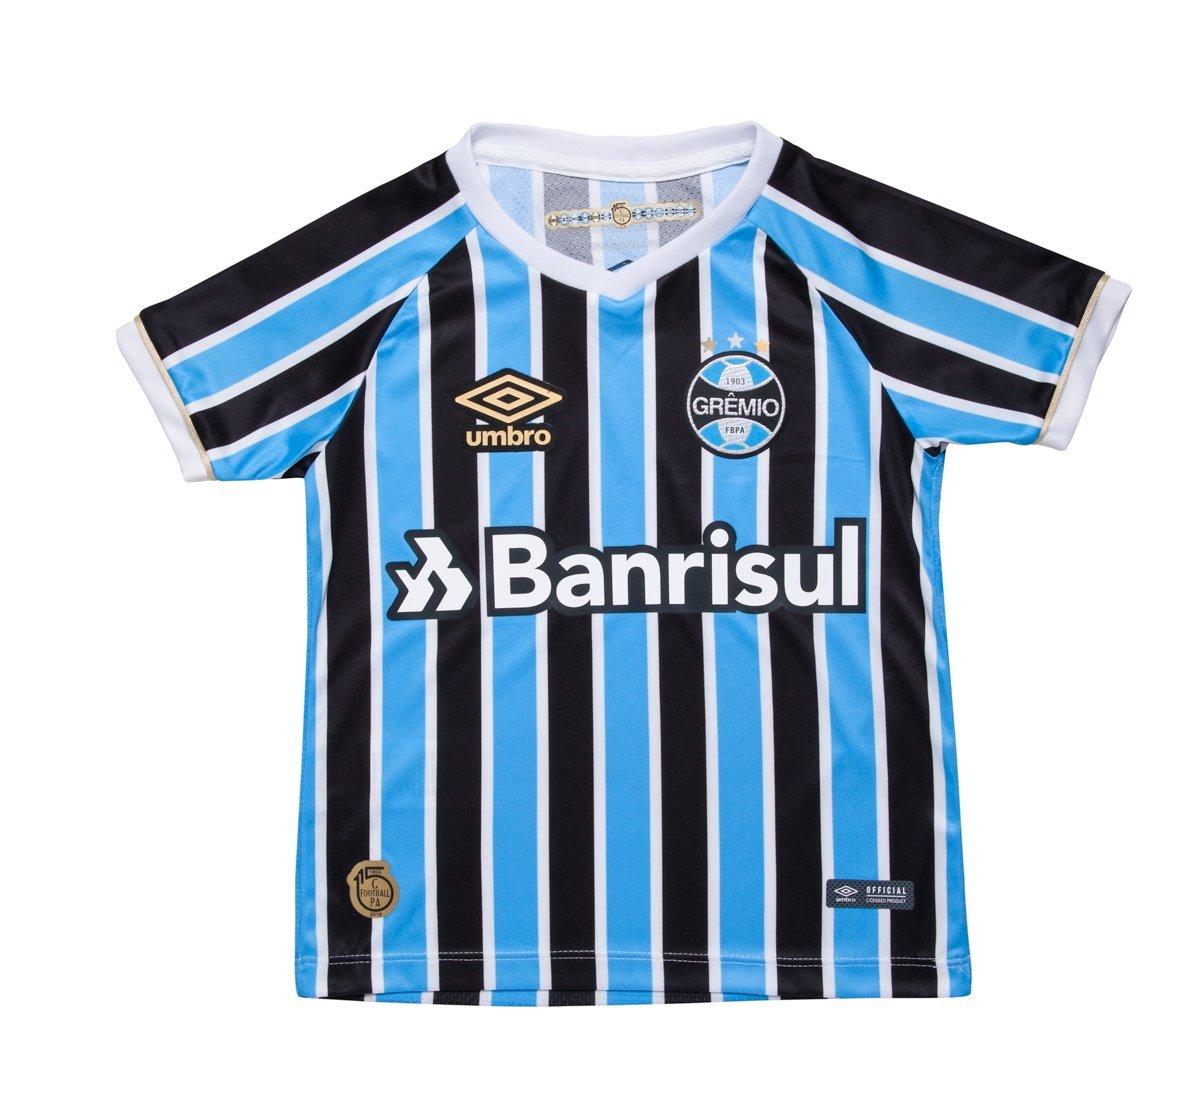 Camisa Umbro Grêmio Of 1 2018 Infantil Original d83e865631779